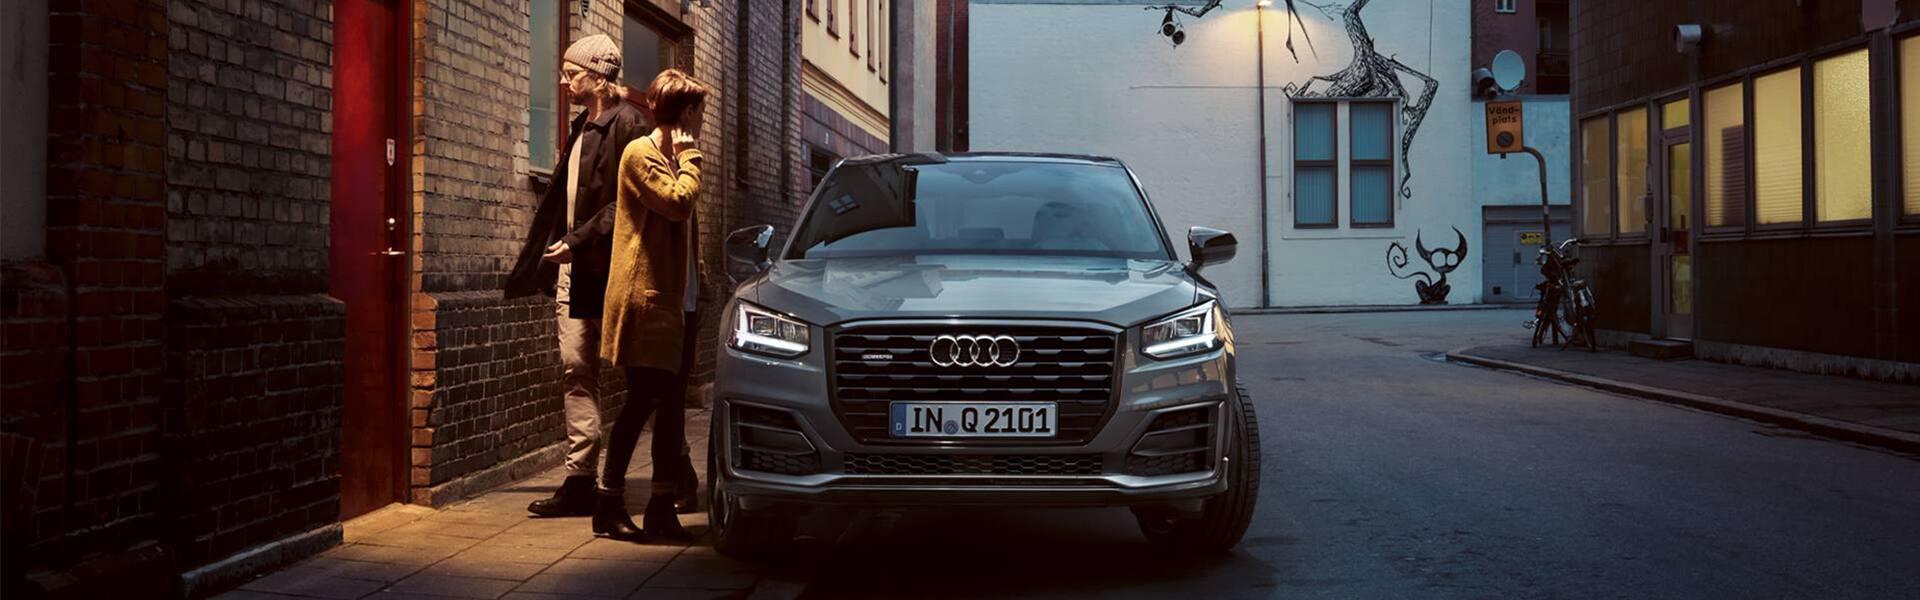 Audi Q2 2019